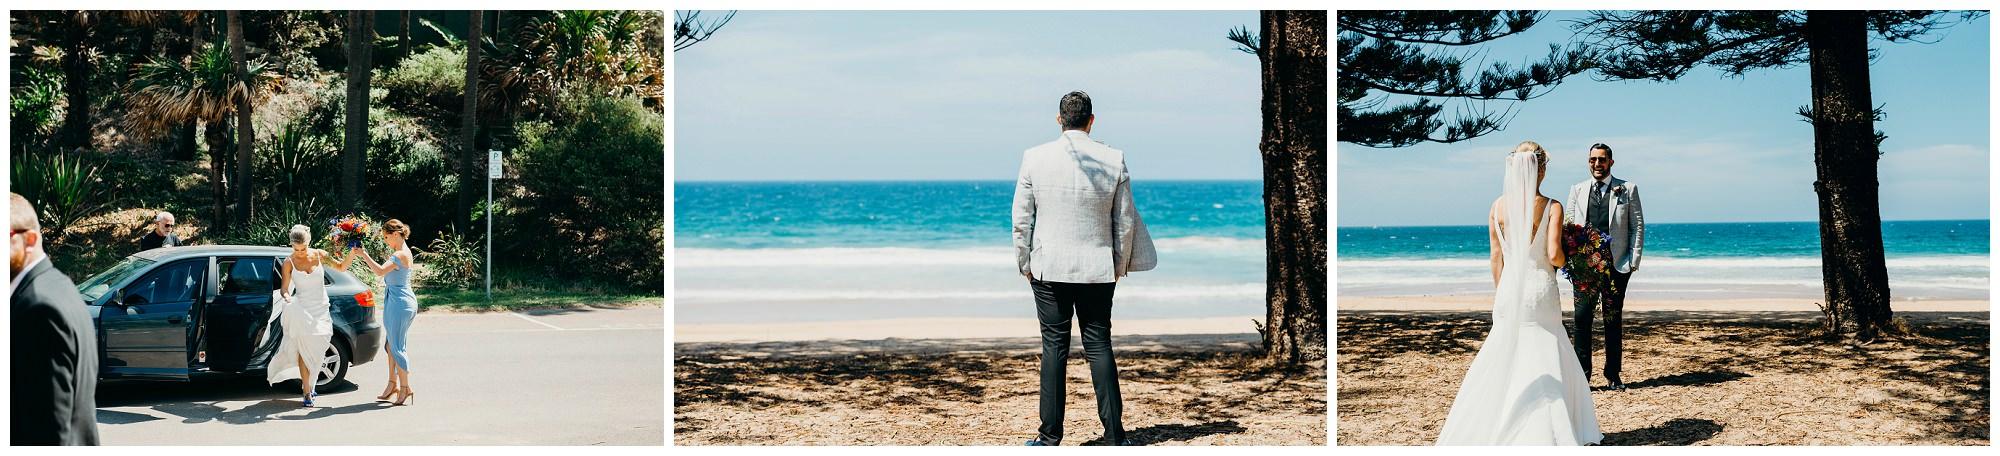 moby dick whale beach sydney photographer_0424.jpg